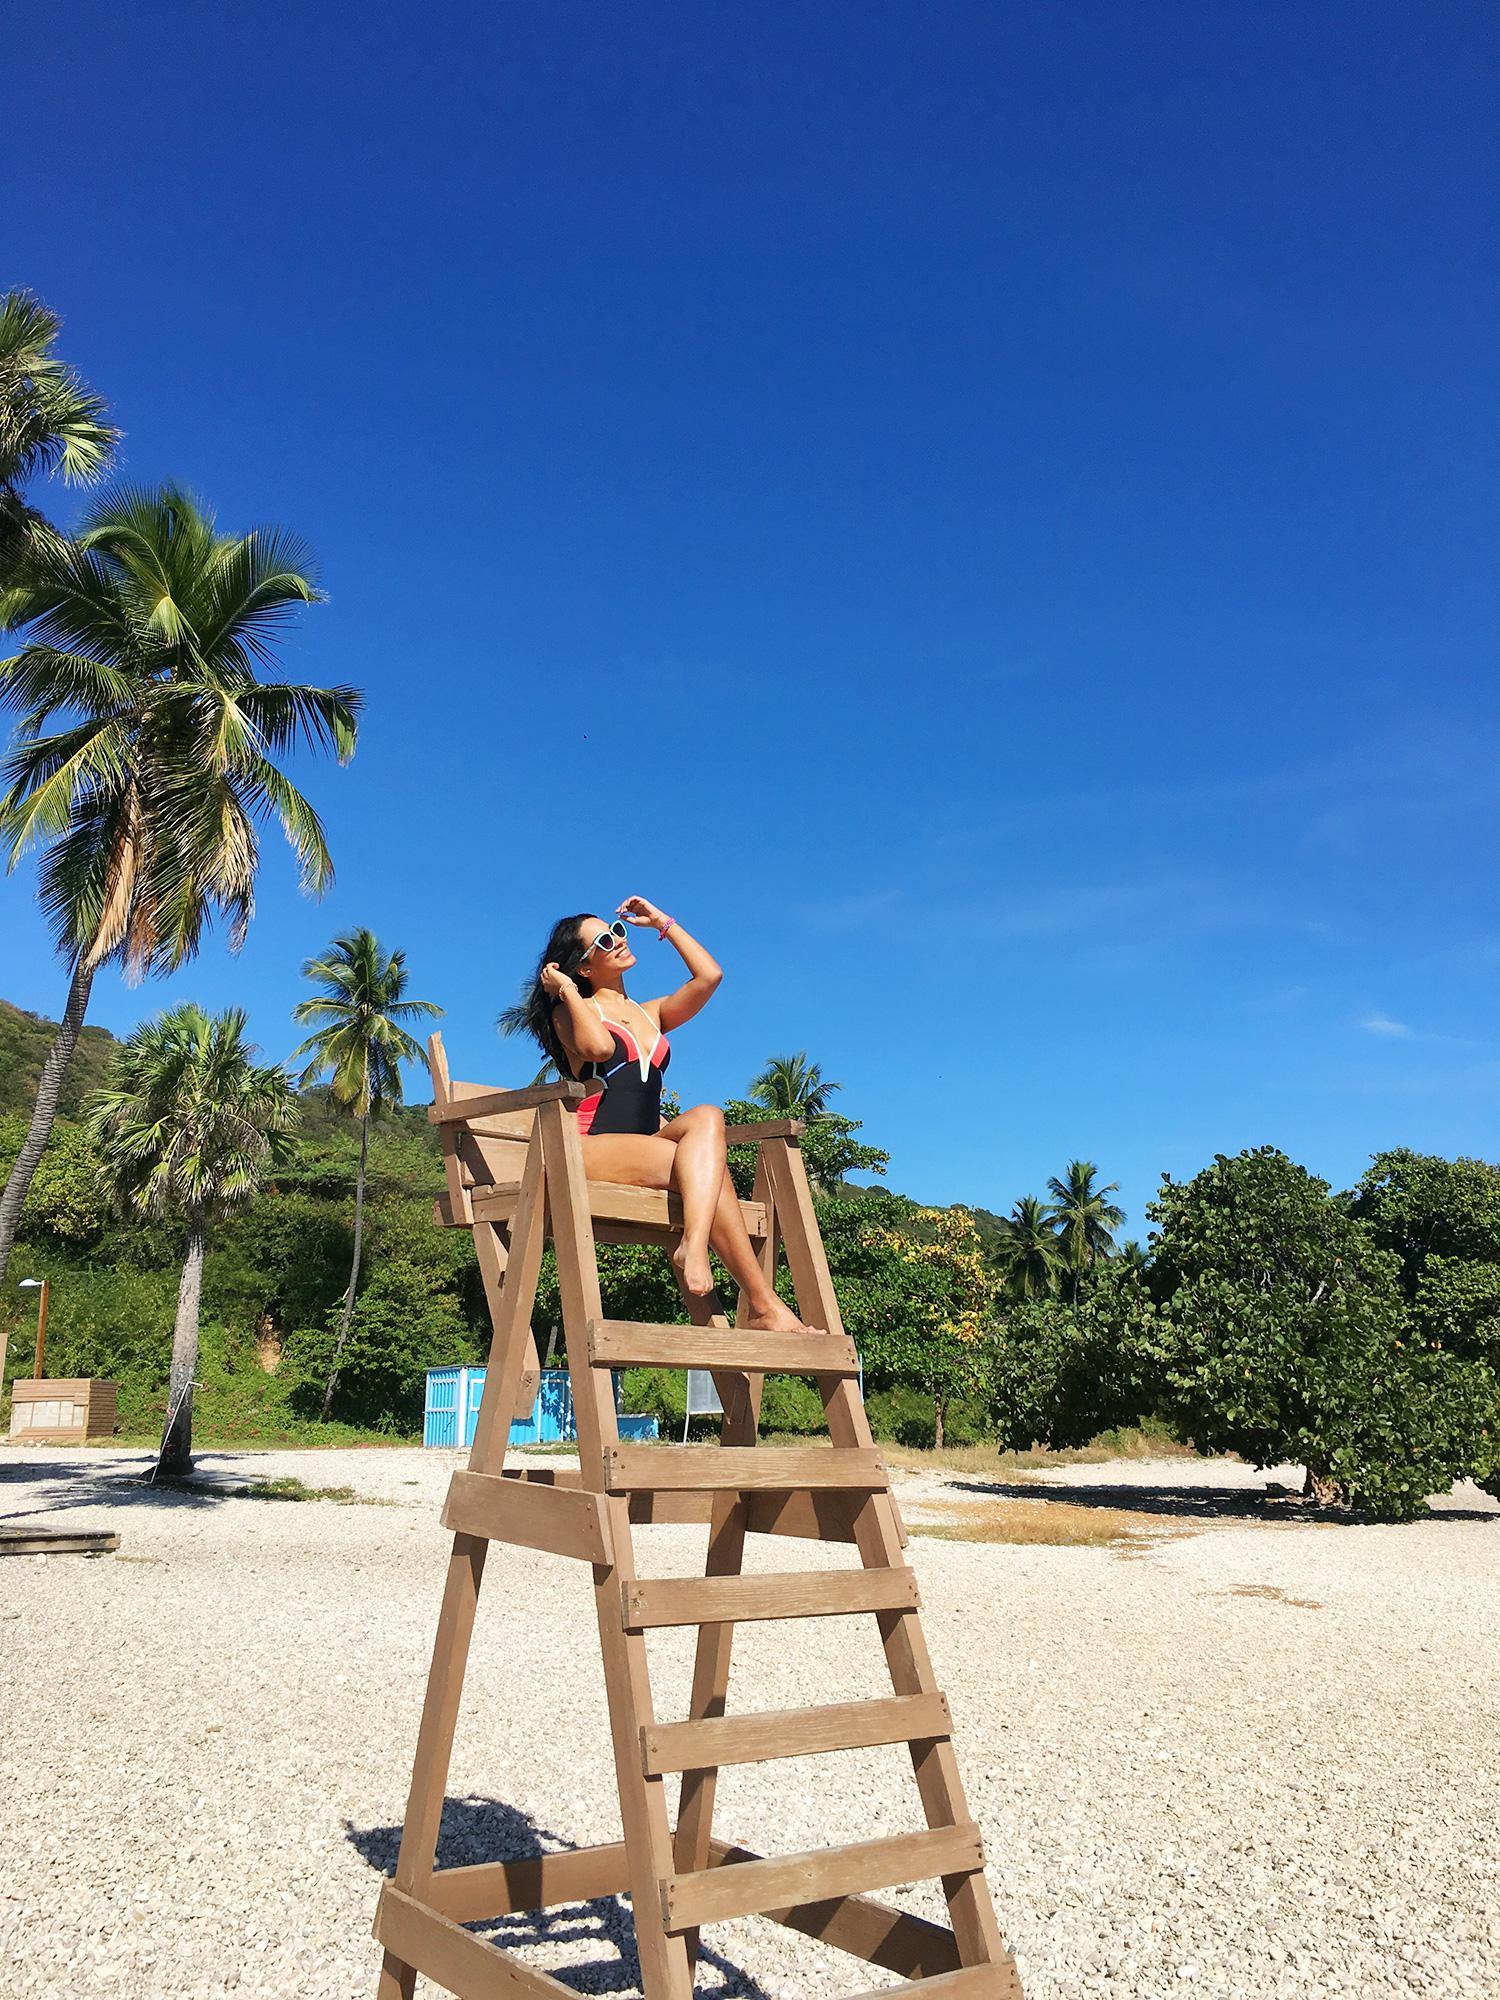 BayWatch en Playa Quemaito - Barahona, República Dominicana